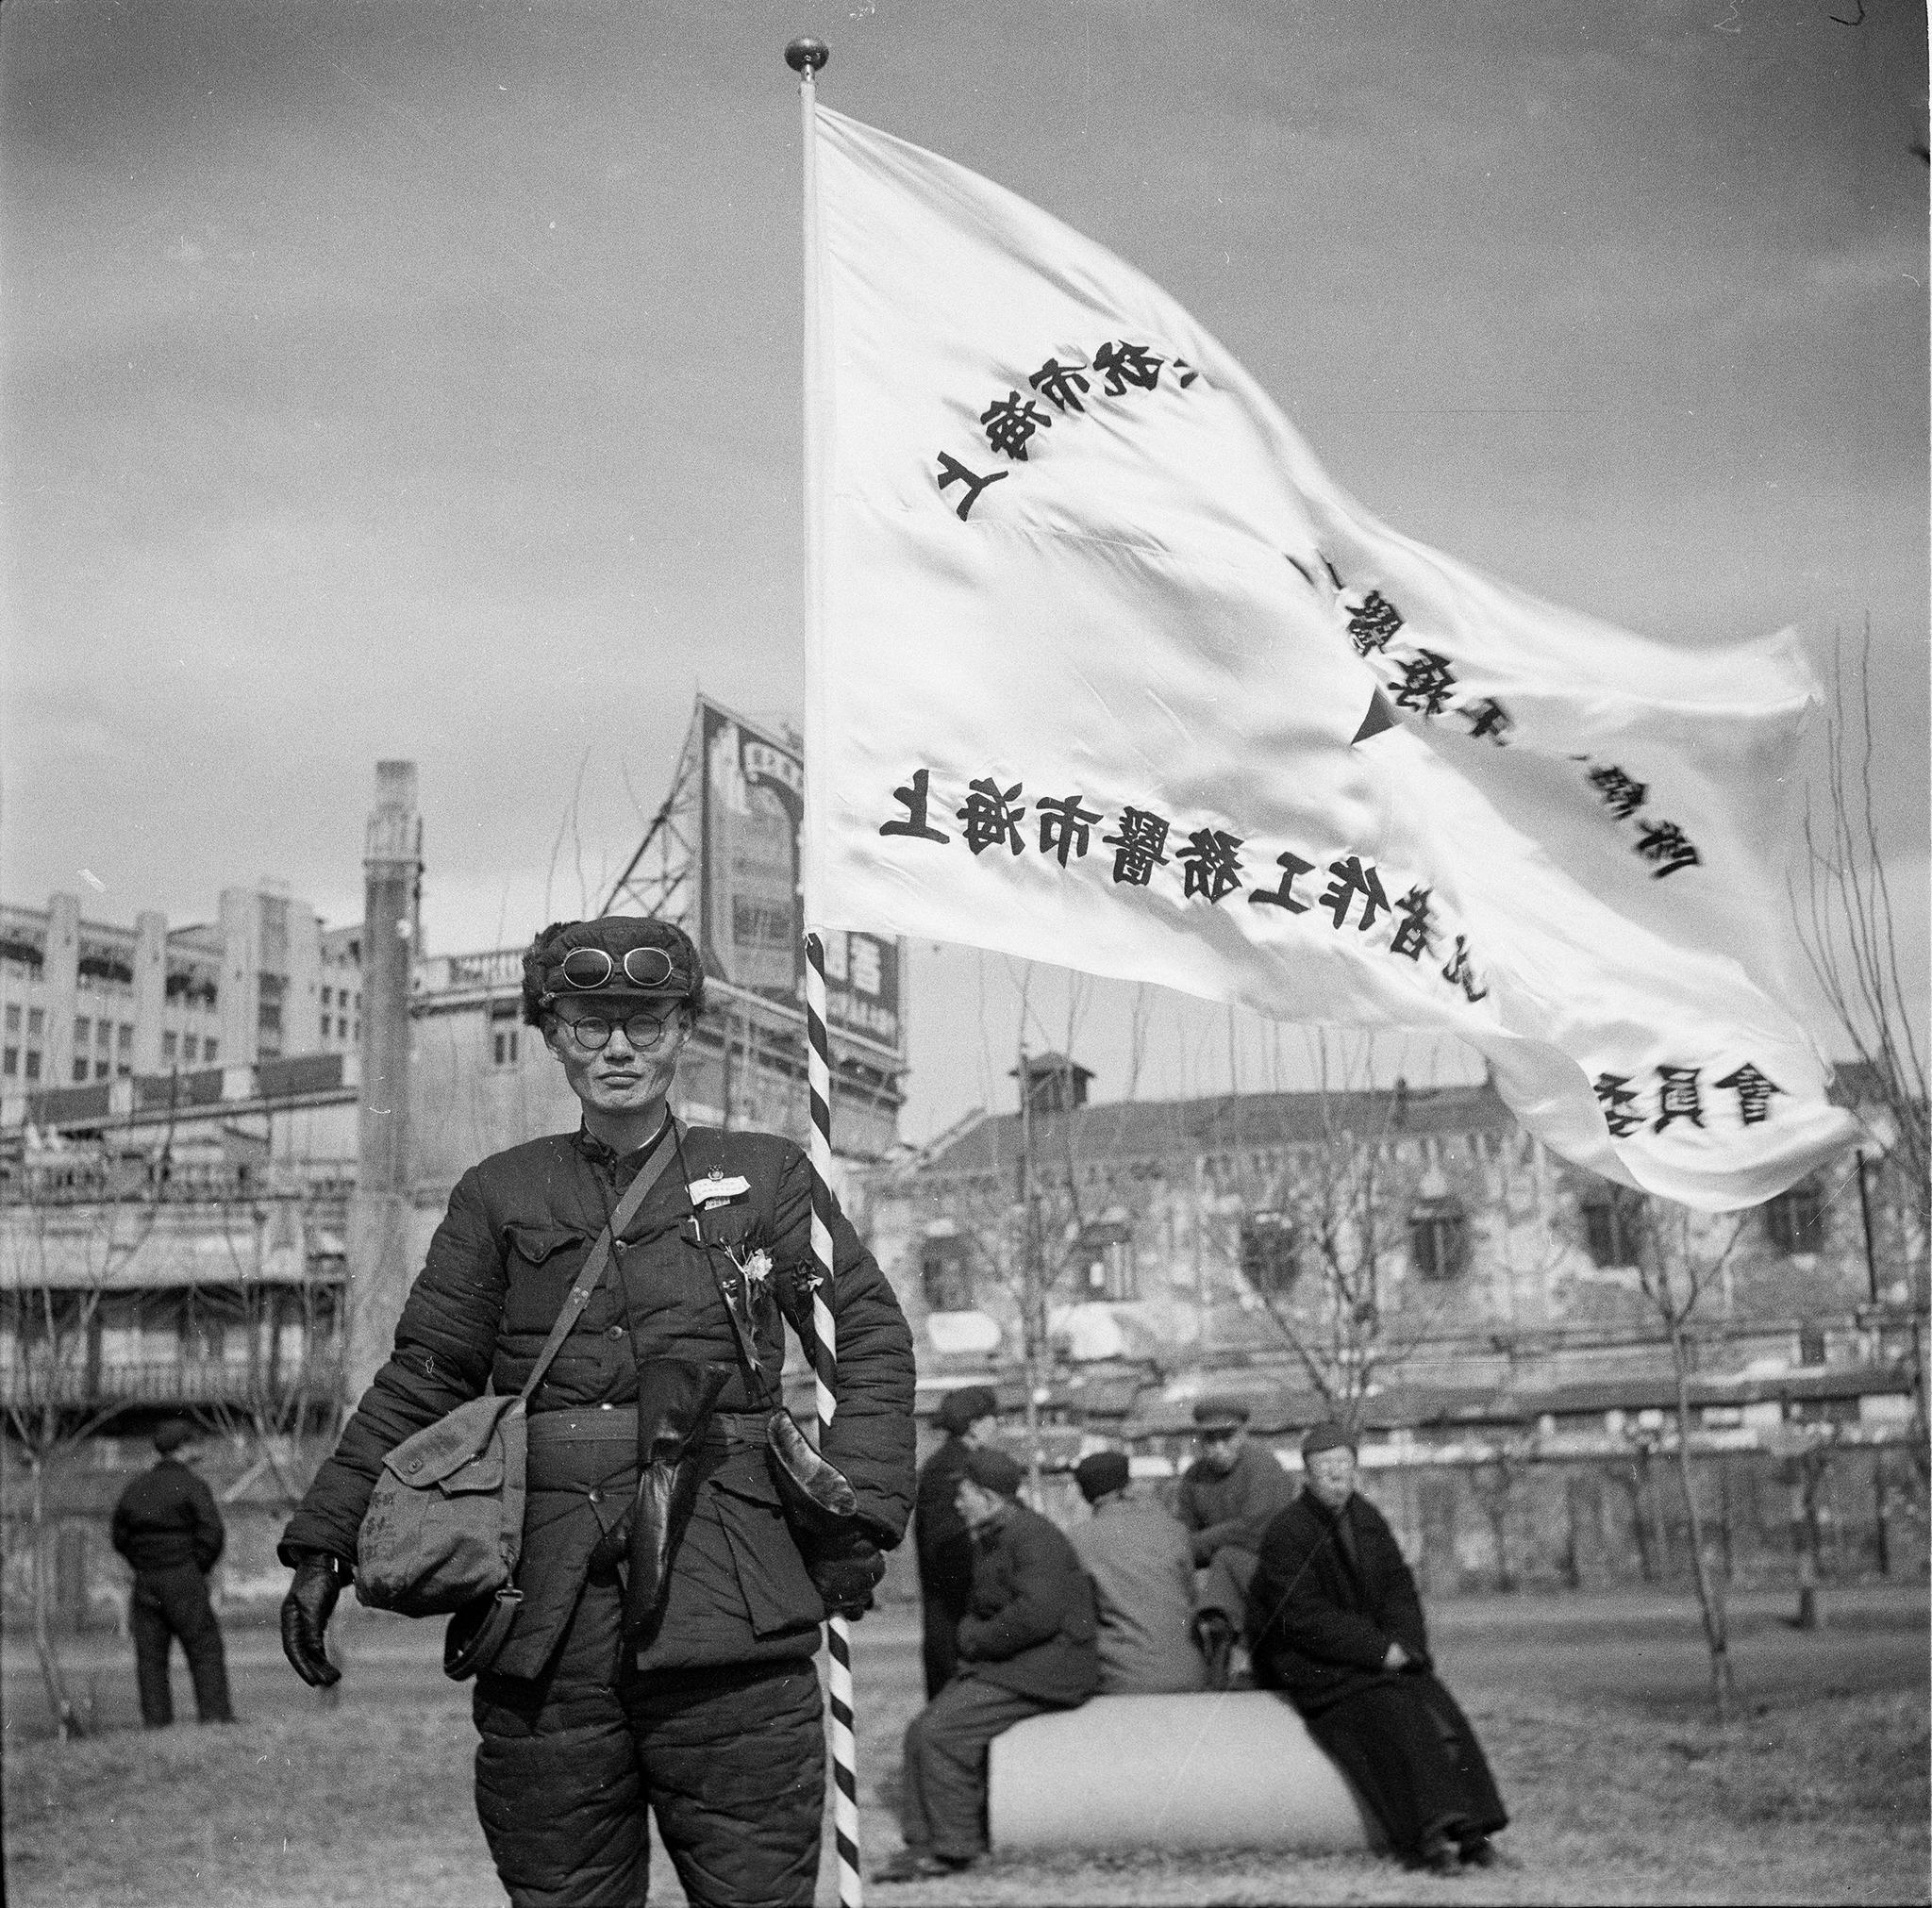 【海上记忆】手握抗美援朝医疗队旗帜的人